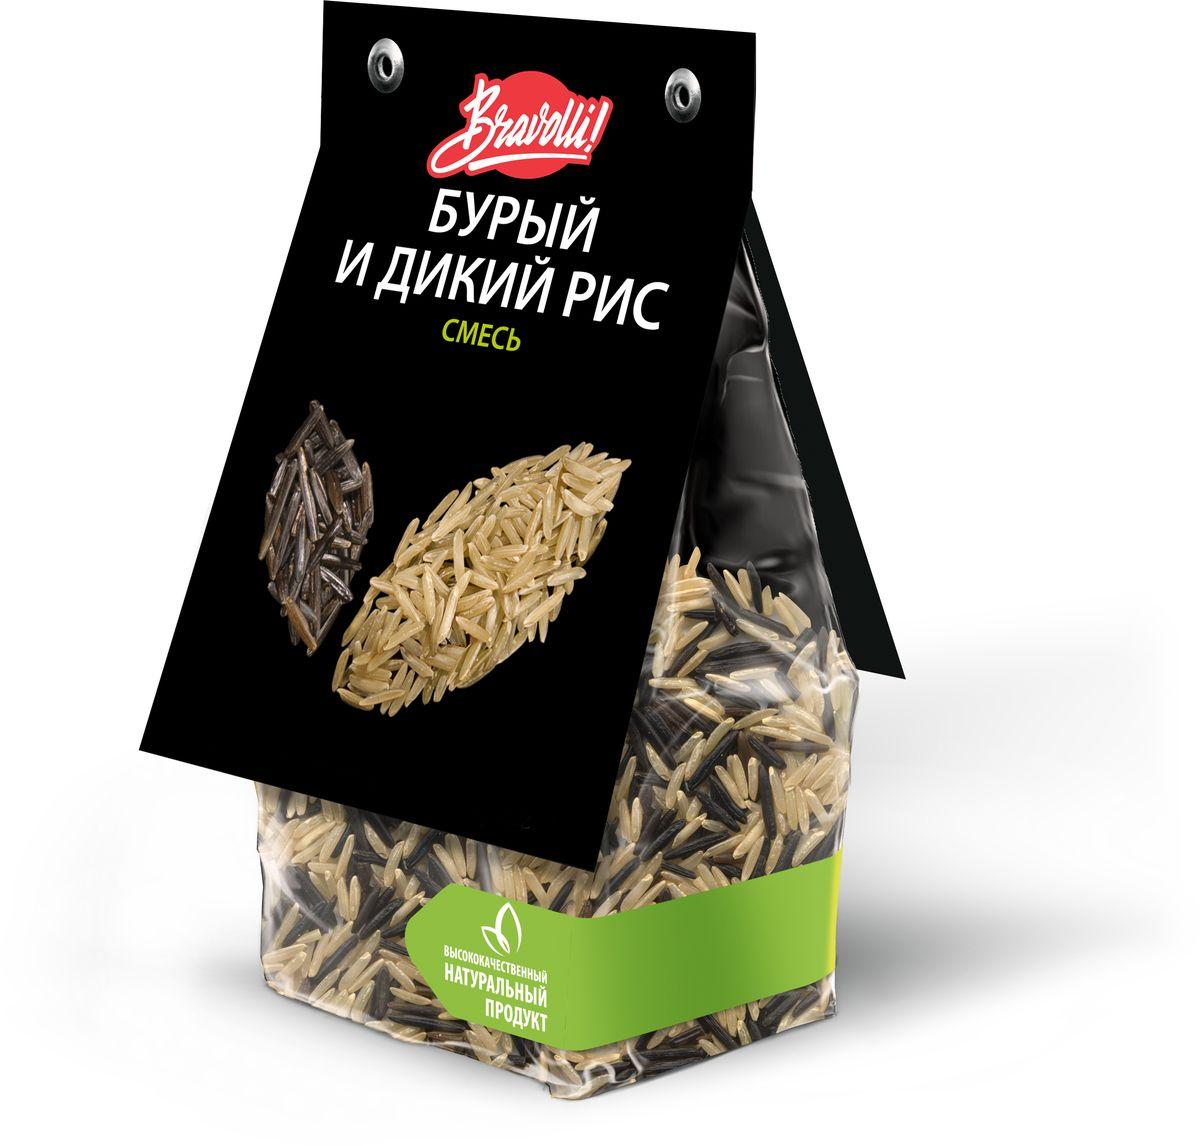 Bravolli Смесь бурый и дикий рис, 350 г bravolli смесь 4 риса 500 г